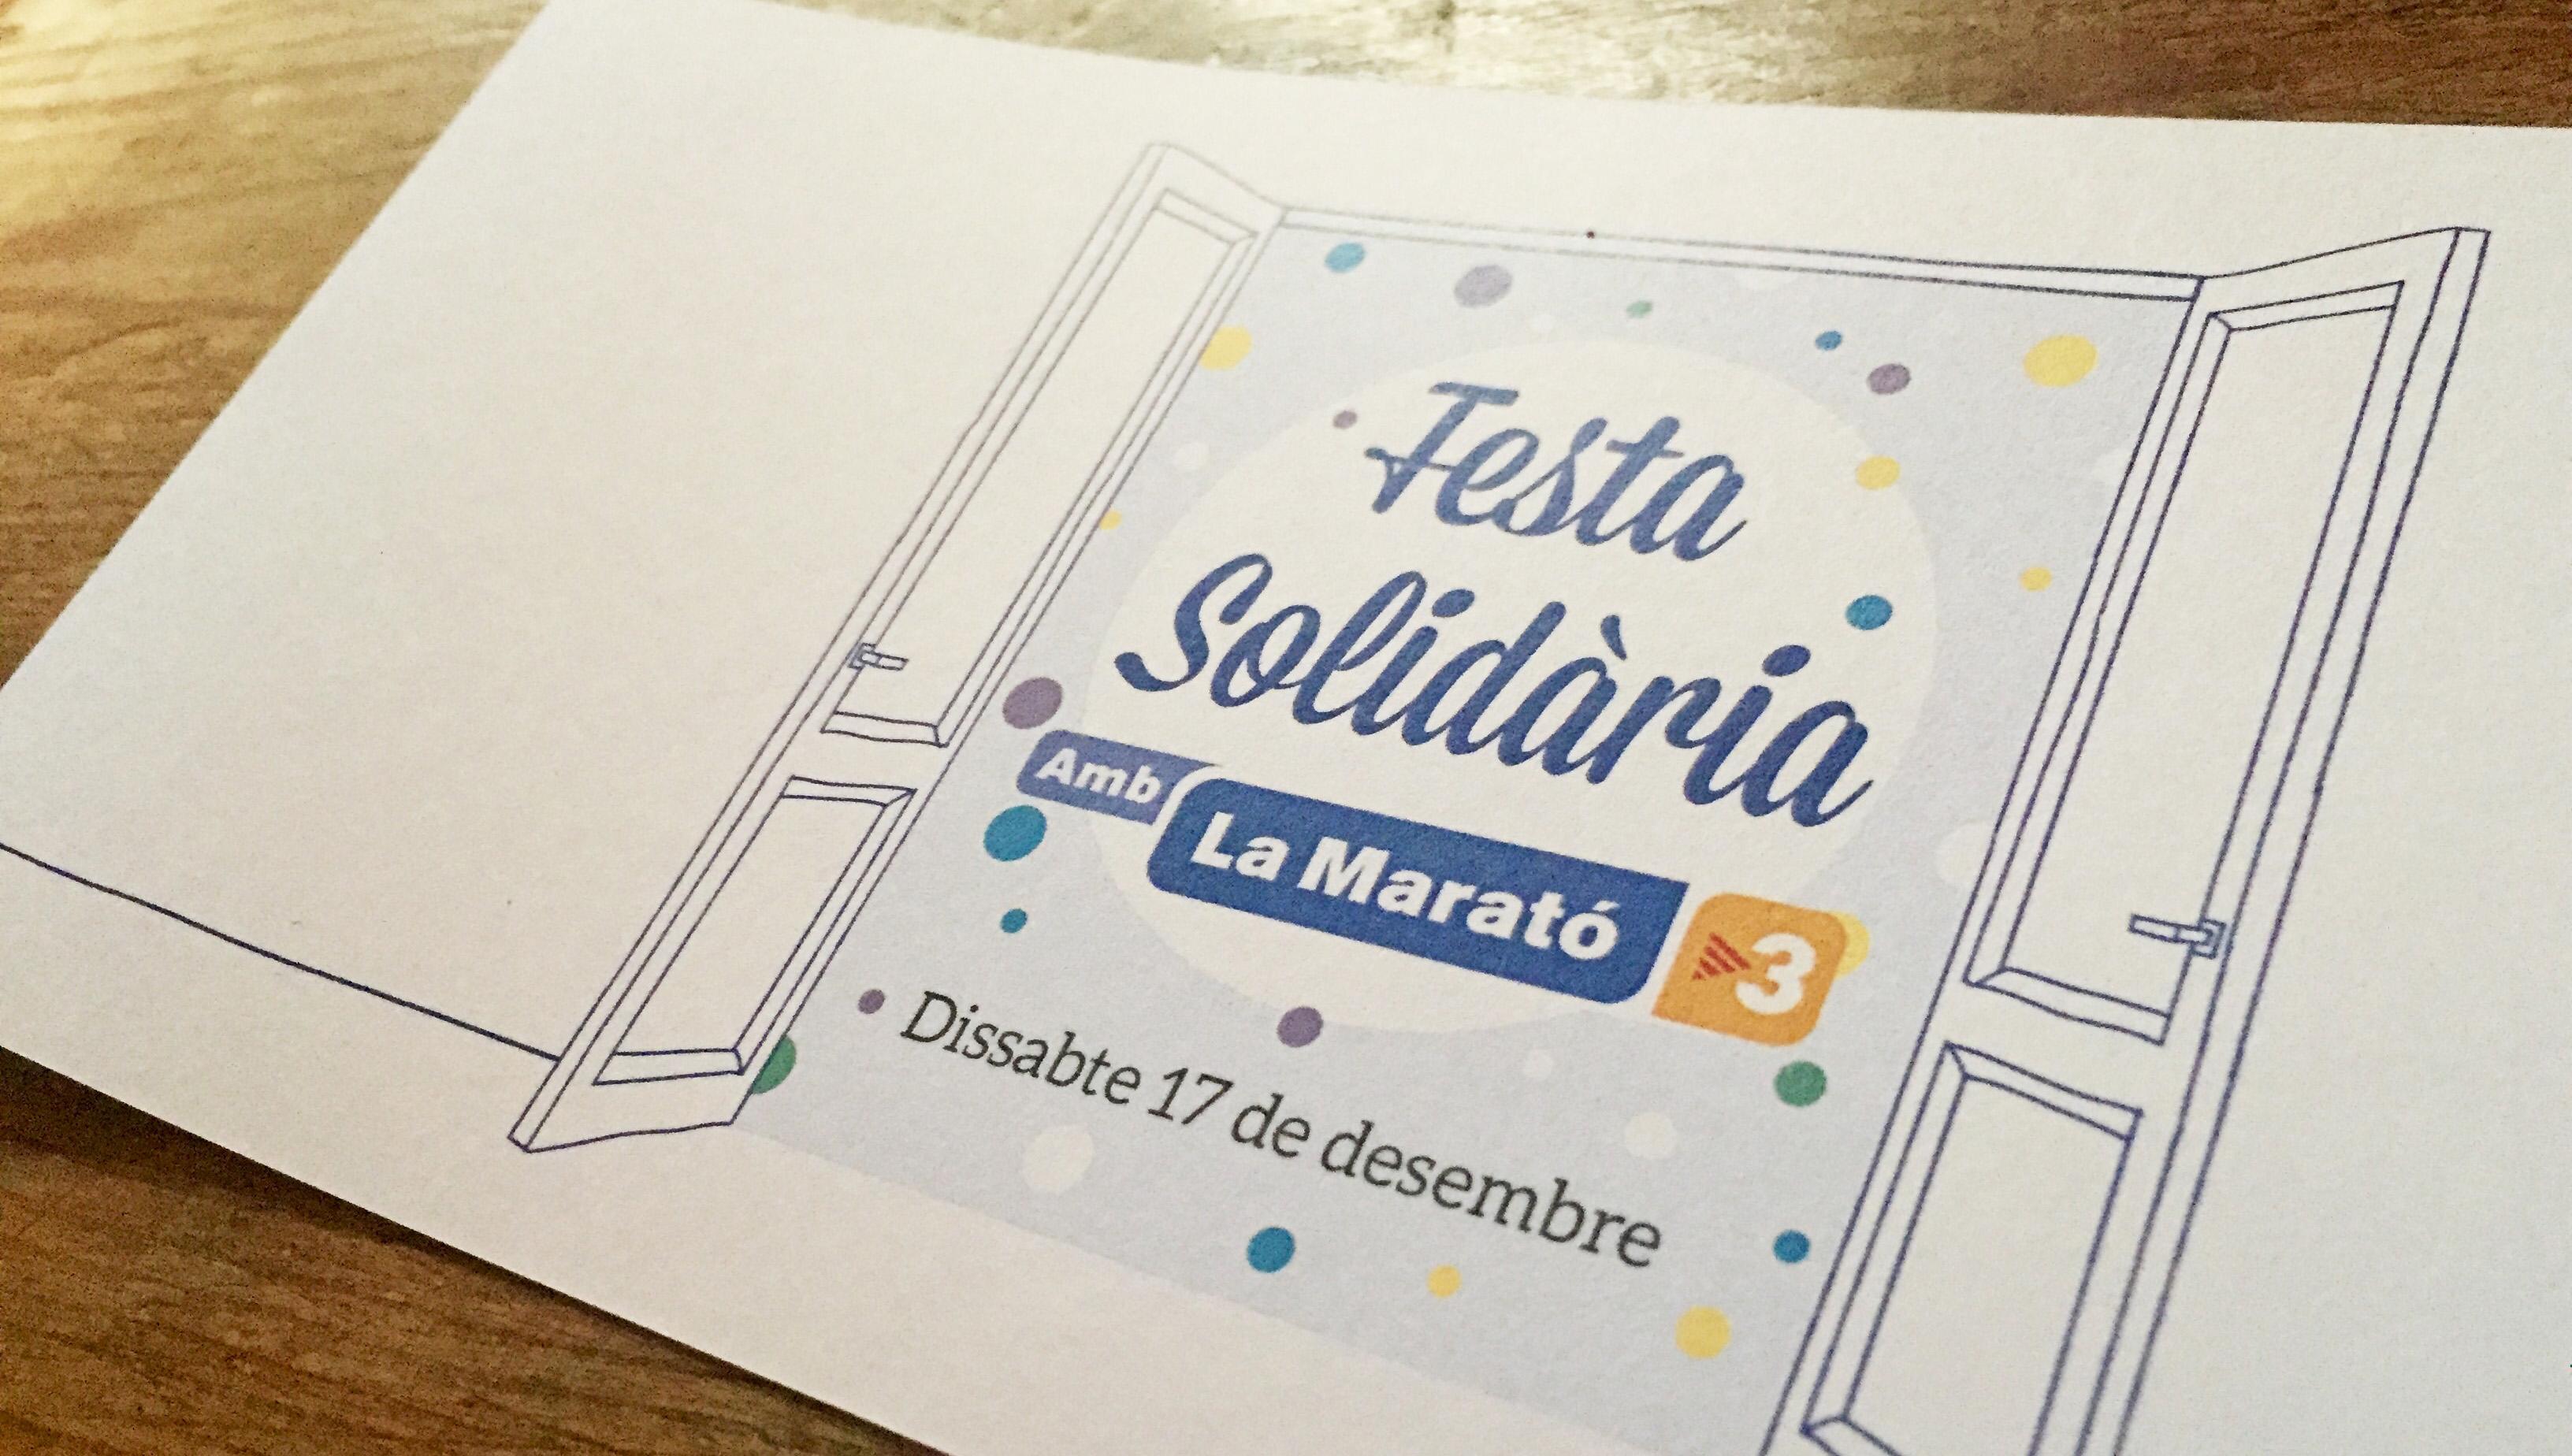 Festa solidària amb la Marató de TV3